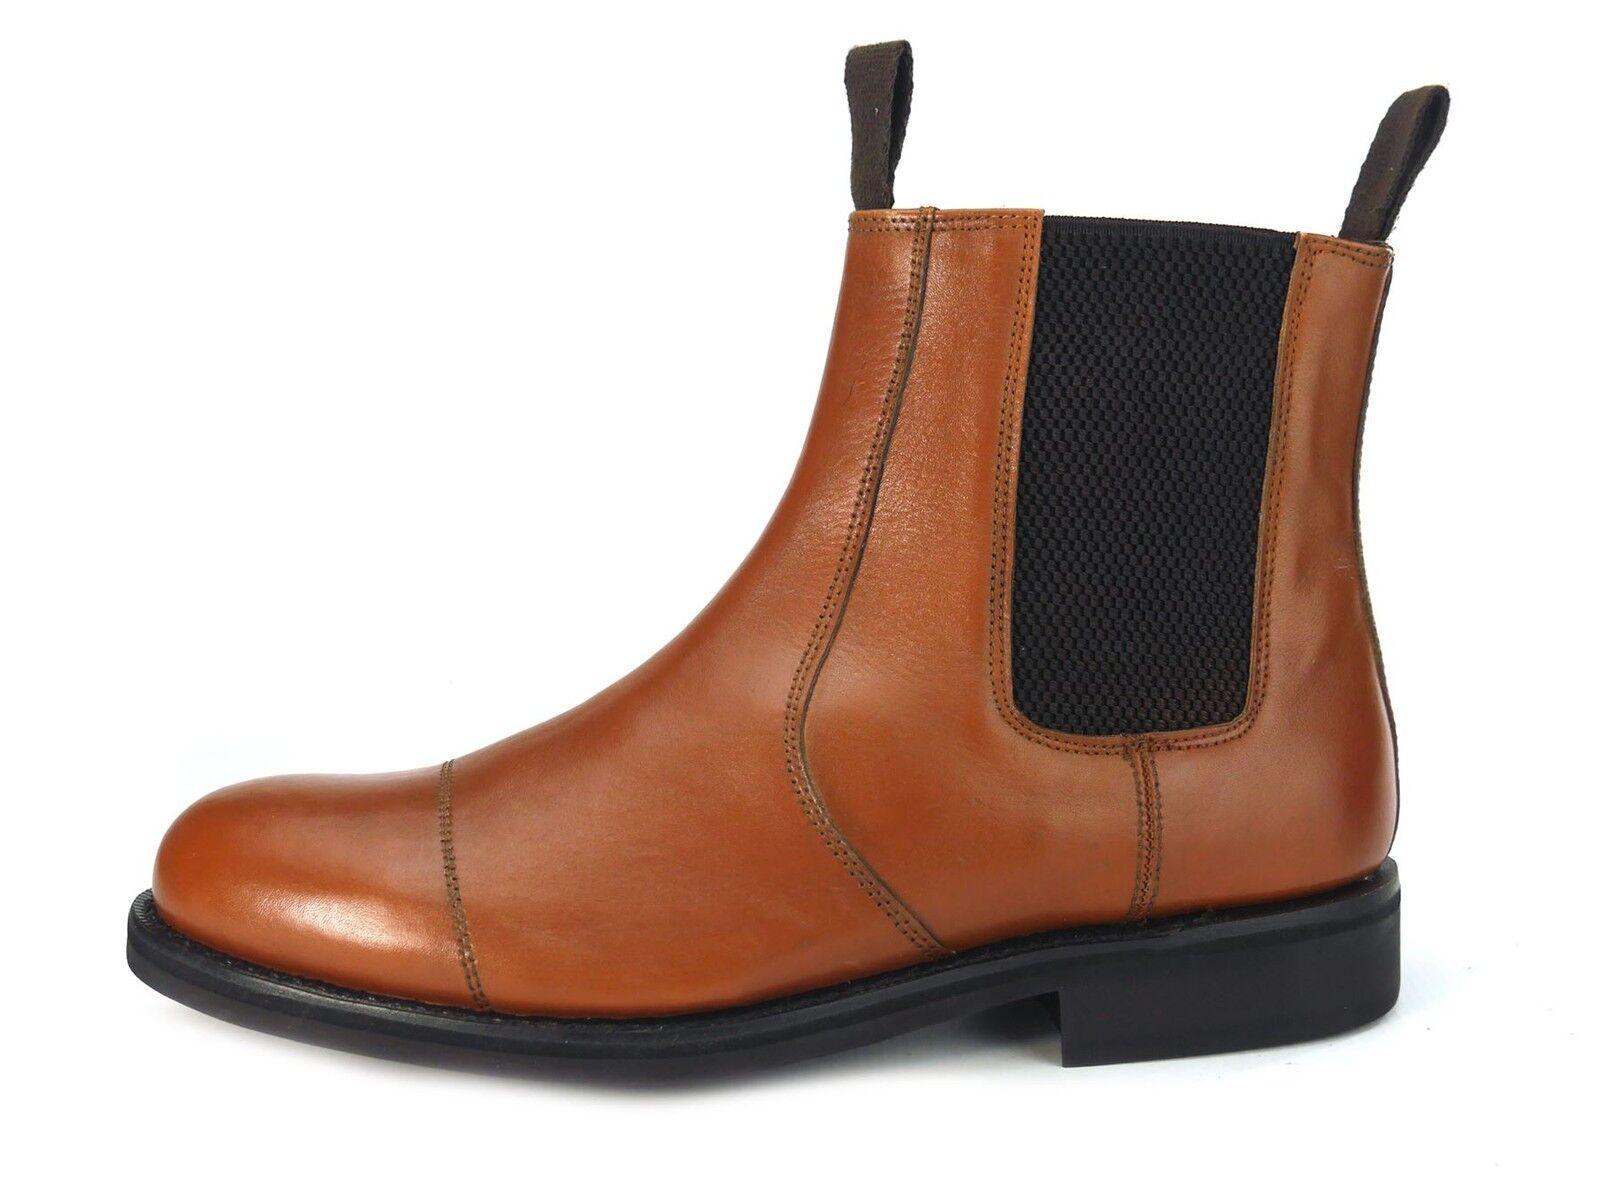 Frank James Dealer Benchgrade Leder Handmade Welted Chelsea Dealer James Rubber Sole Stiefel b313dc